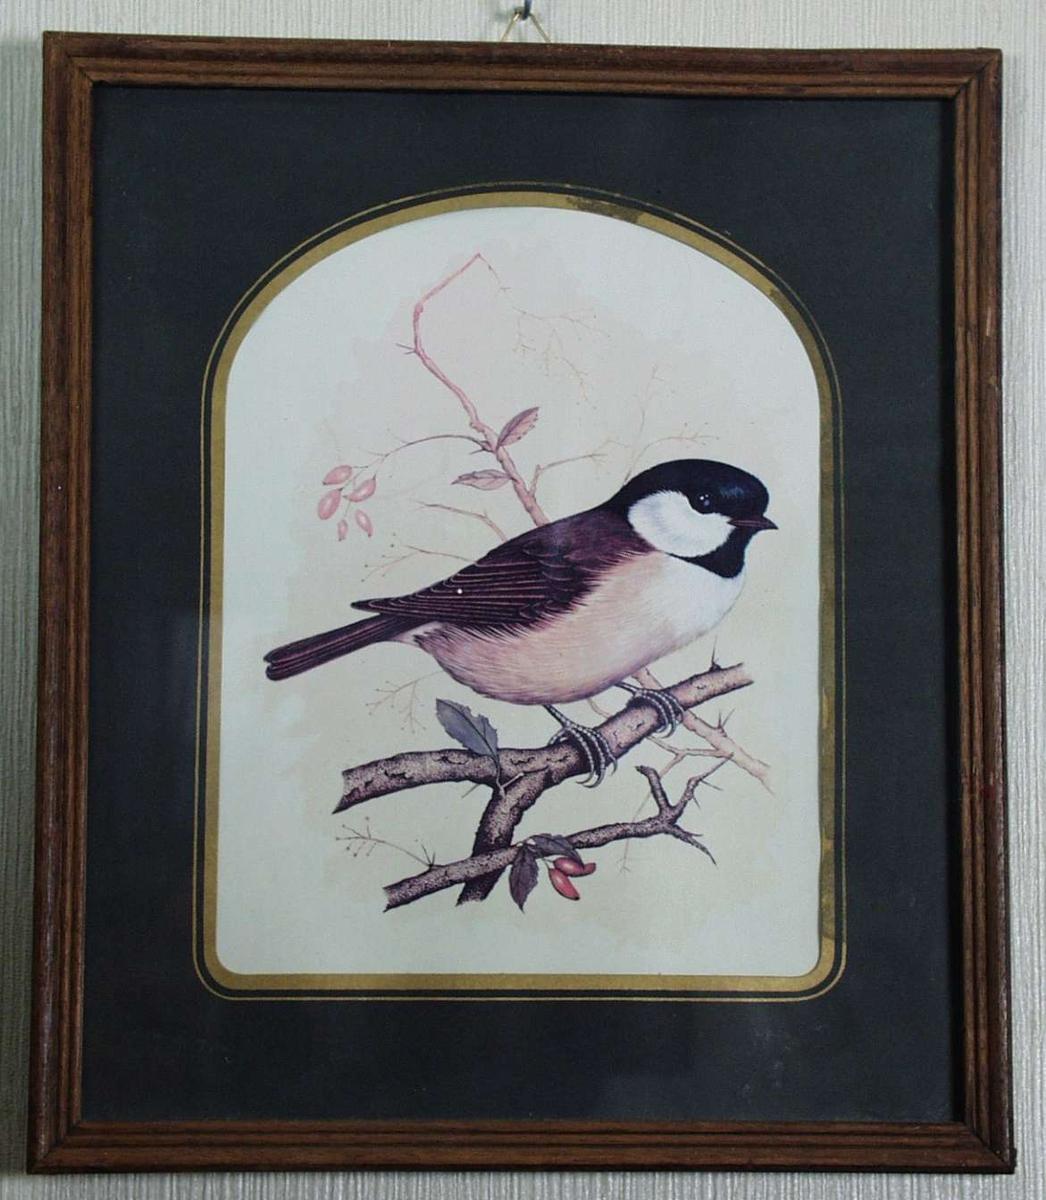 Bilde med fuglemotiv.